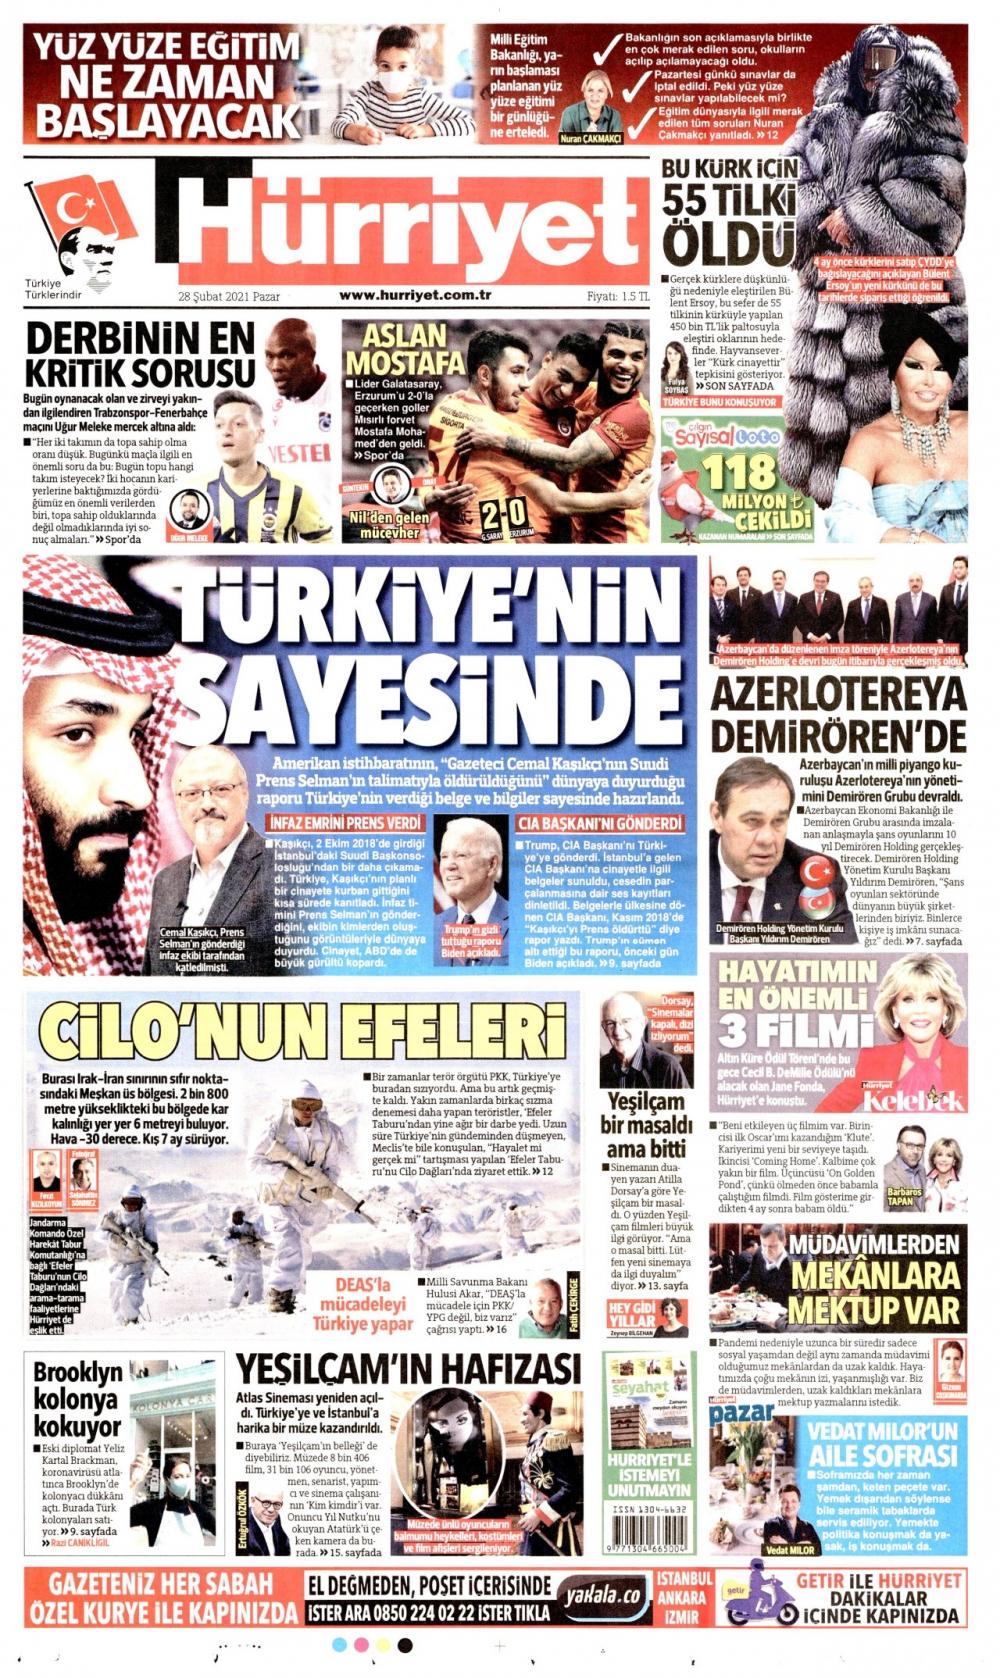 Günün Gazete Manşetleri 28 Şubat 2021 Gazeteler Ne Diyor? 1